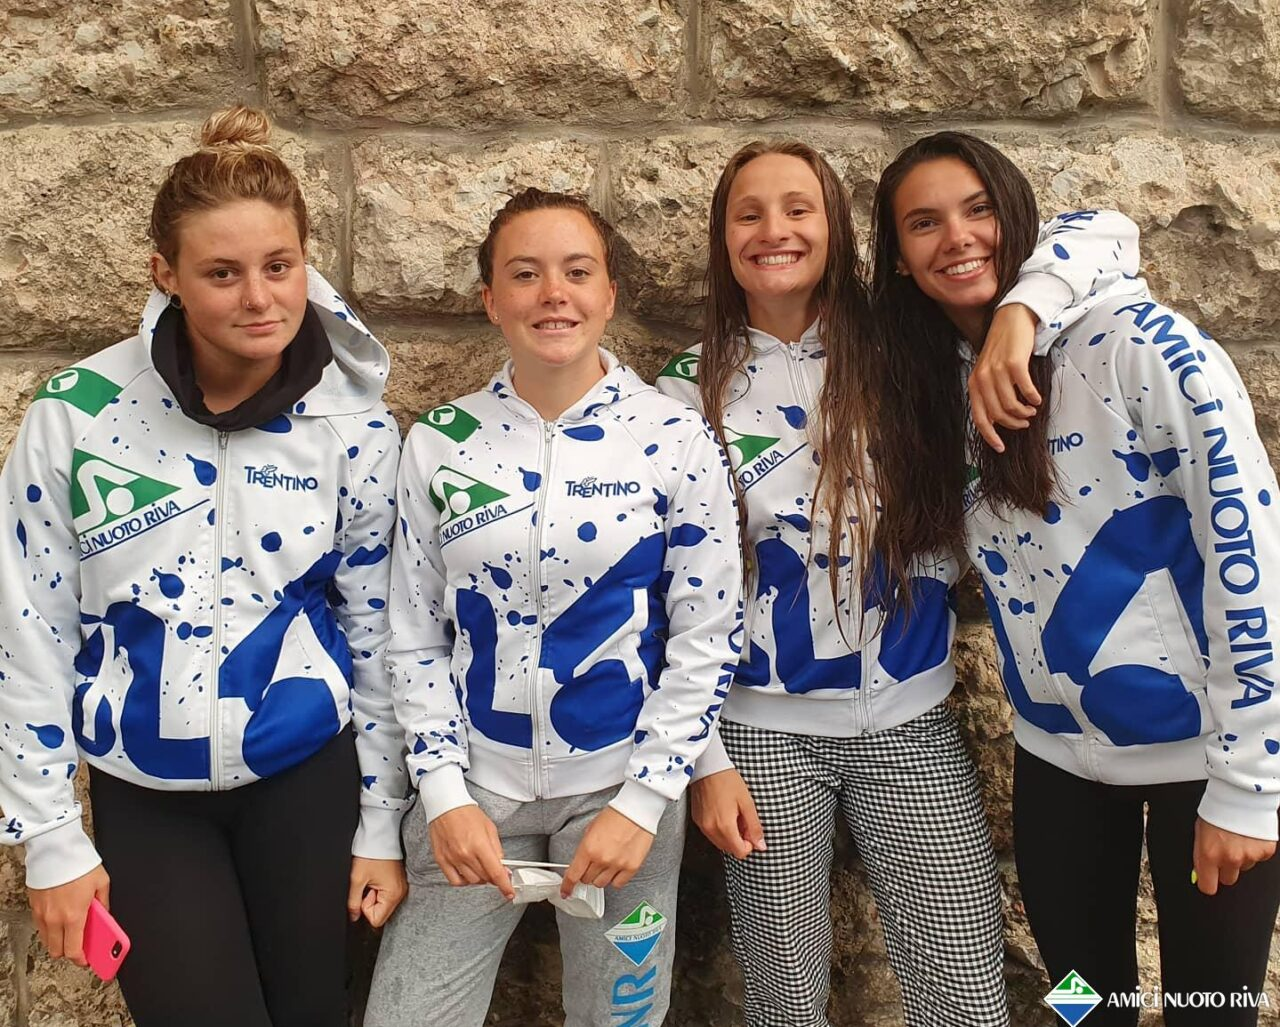 NUOTO RIVA 4x100-mista-bronzo-regionale-Giovanelli-Civettini-Turrini-Zanetti